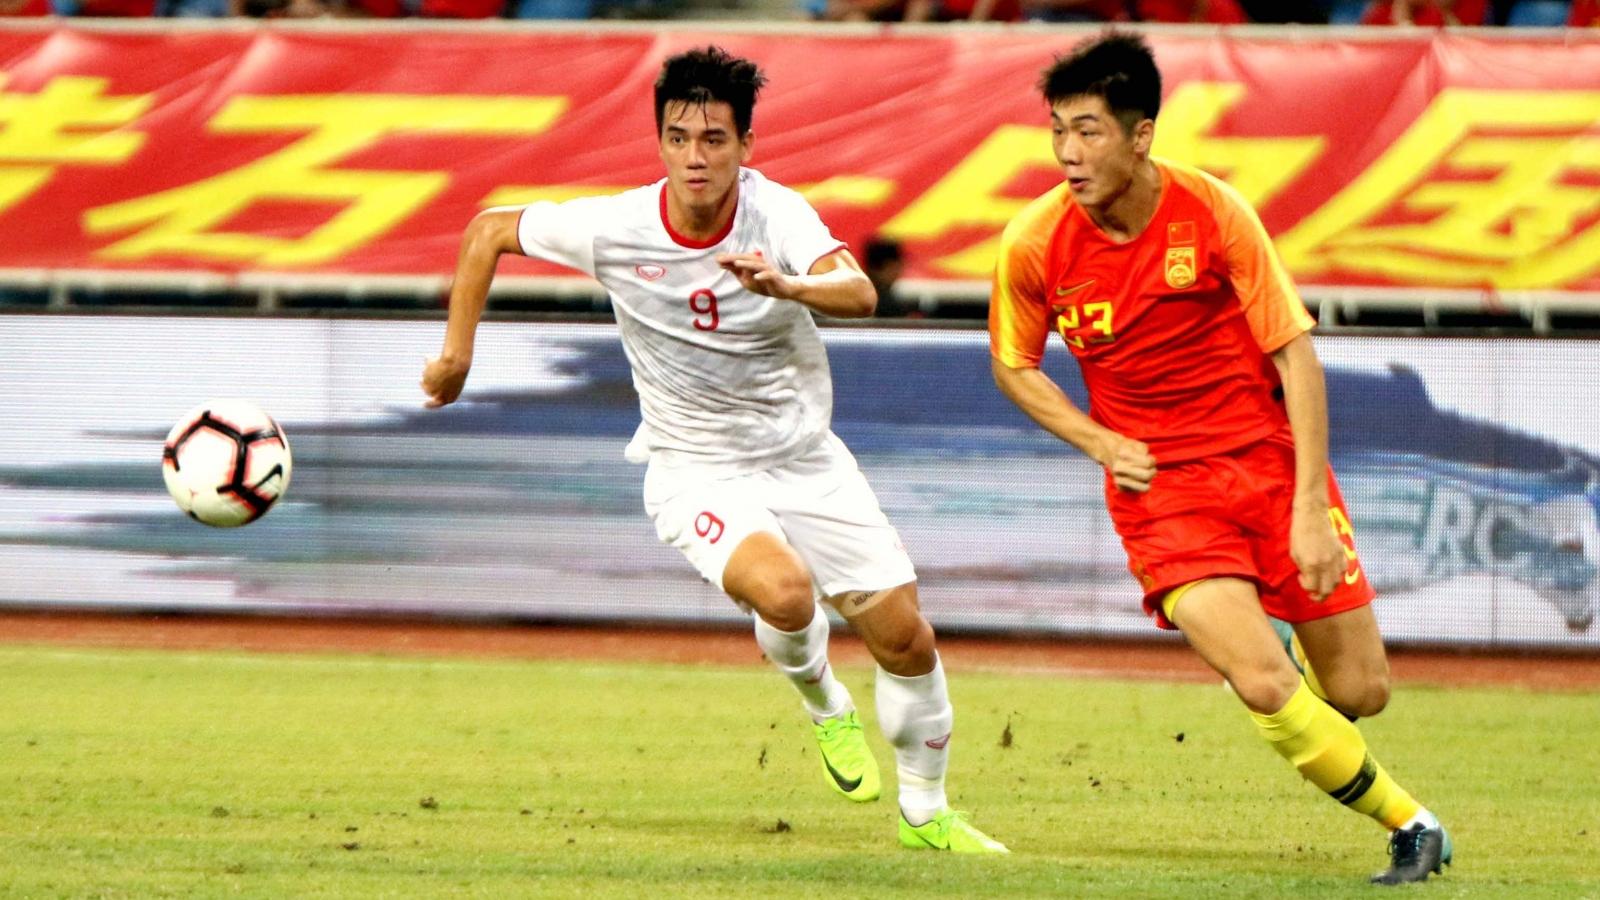 ĐT Việt Nam sẽ thi đấu với ĐT Trung Quốc ở UAE